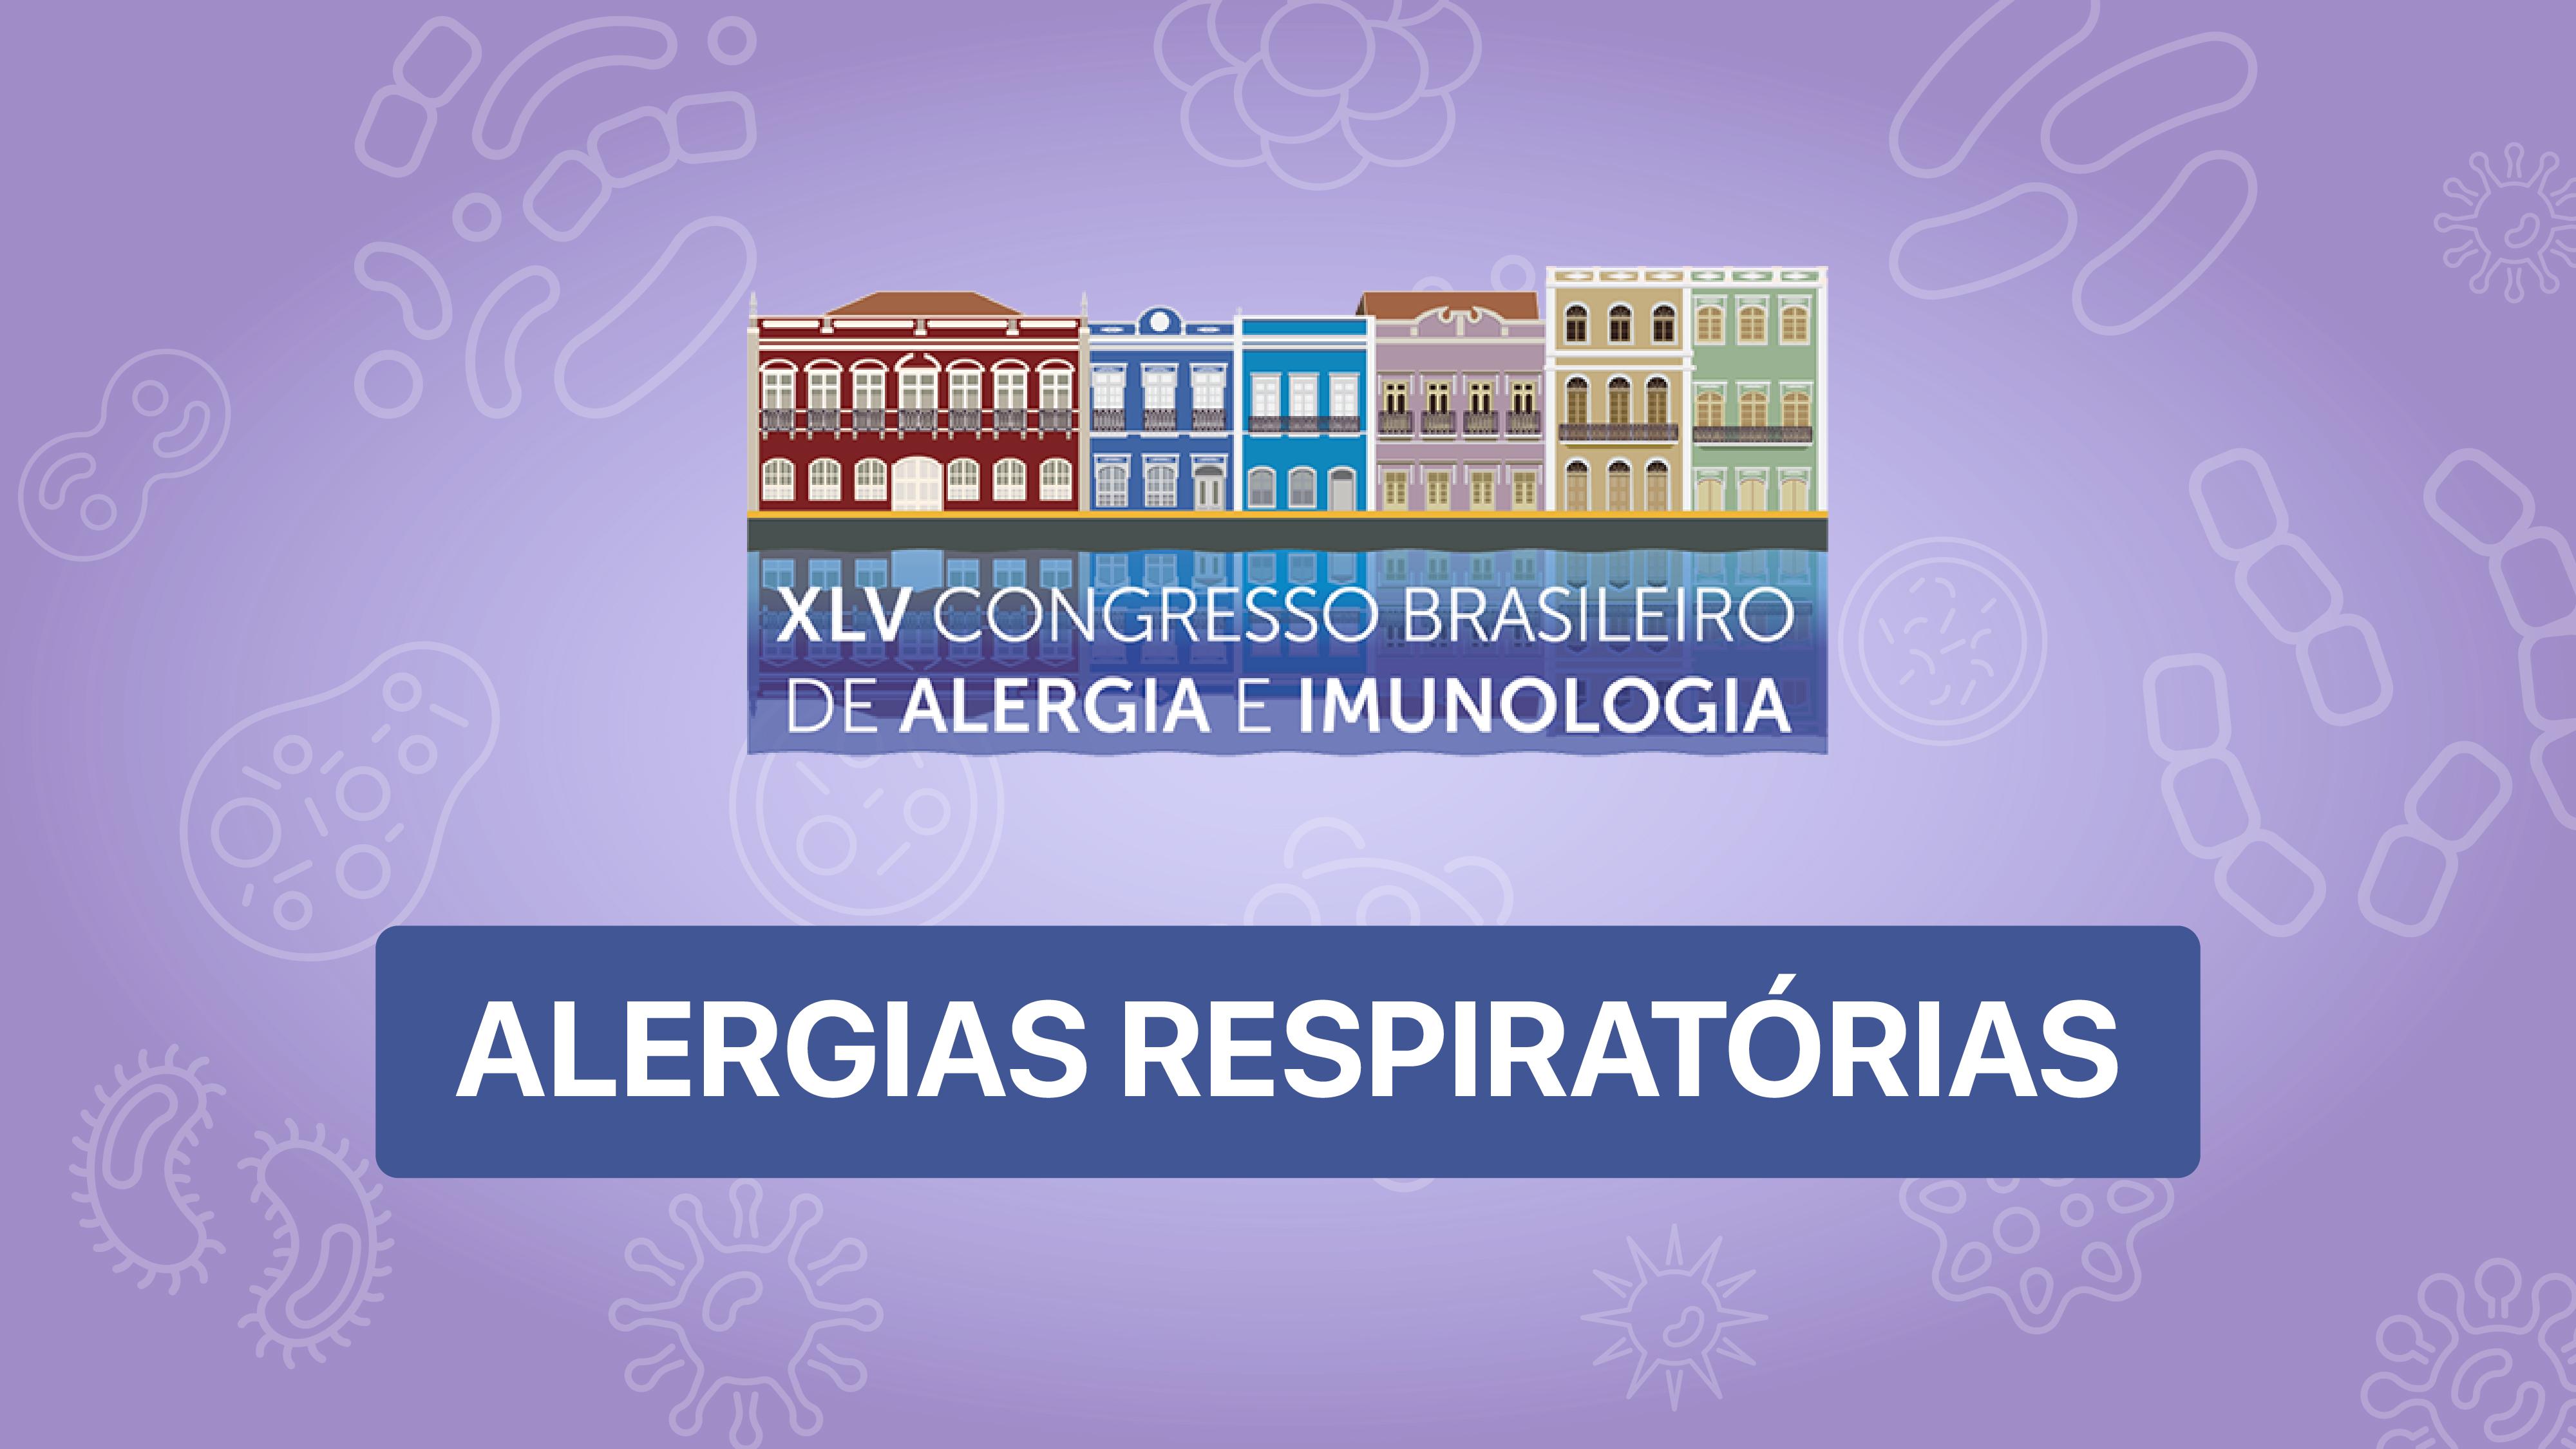 Alergias%20respirat%c3%93rias